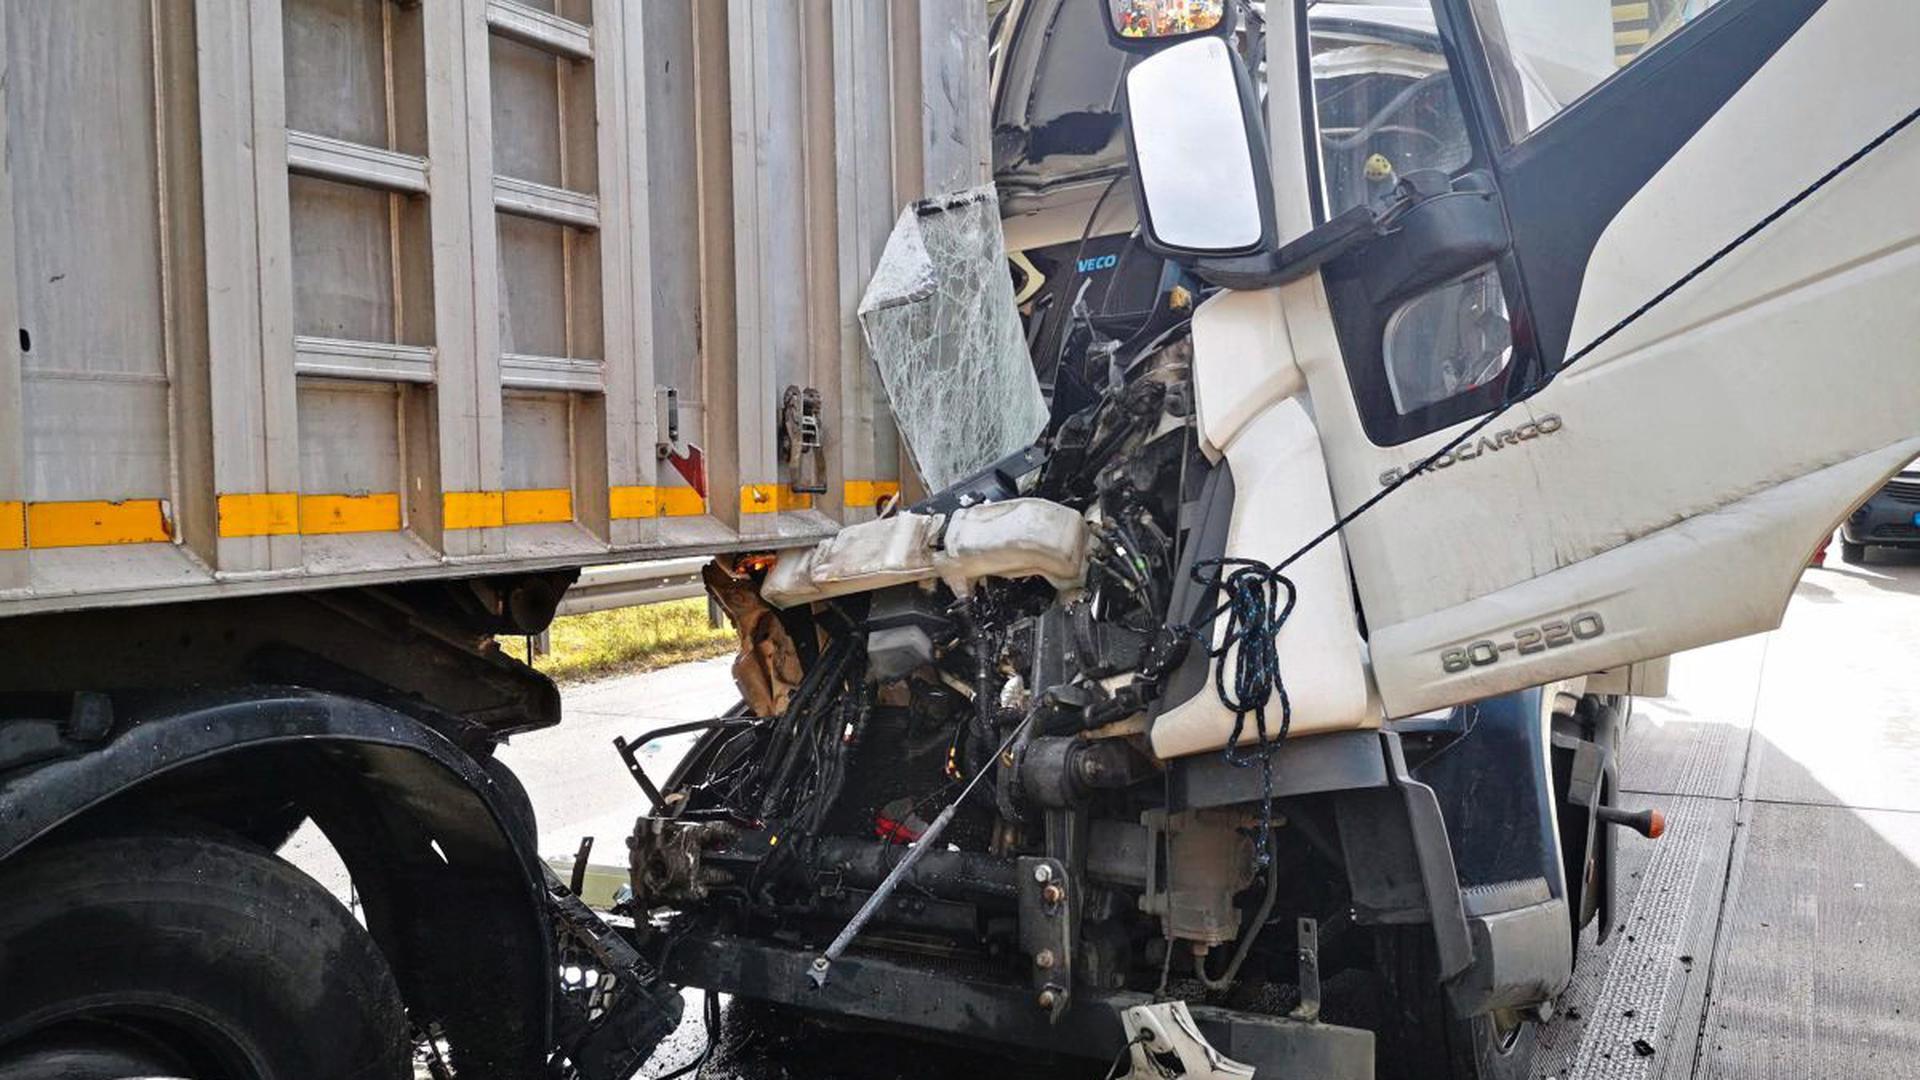 Lebend befreien konnte sich der Fahrer eines Lkw aus diesem zertrümmerten Führerhaus.